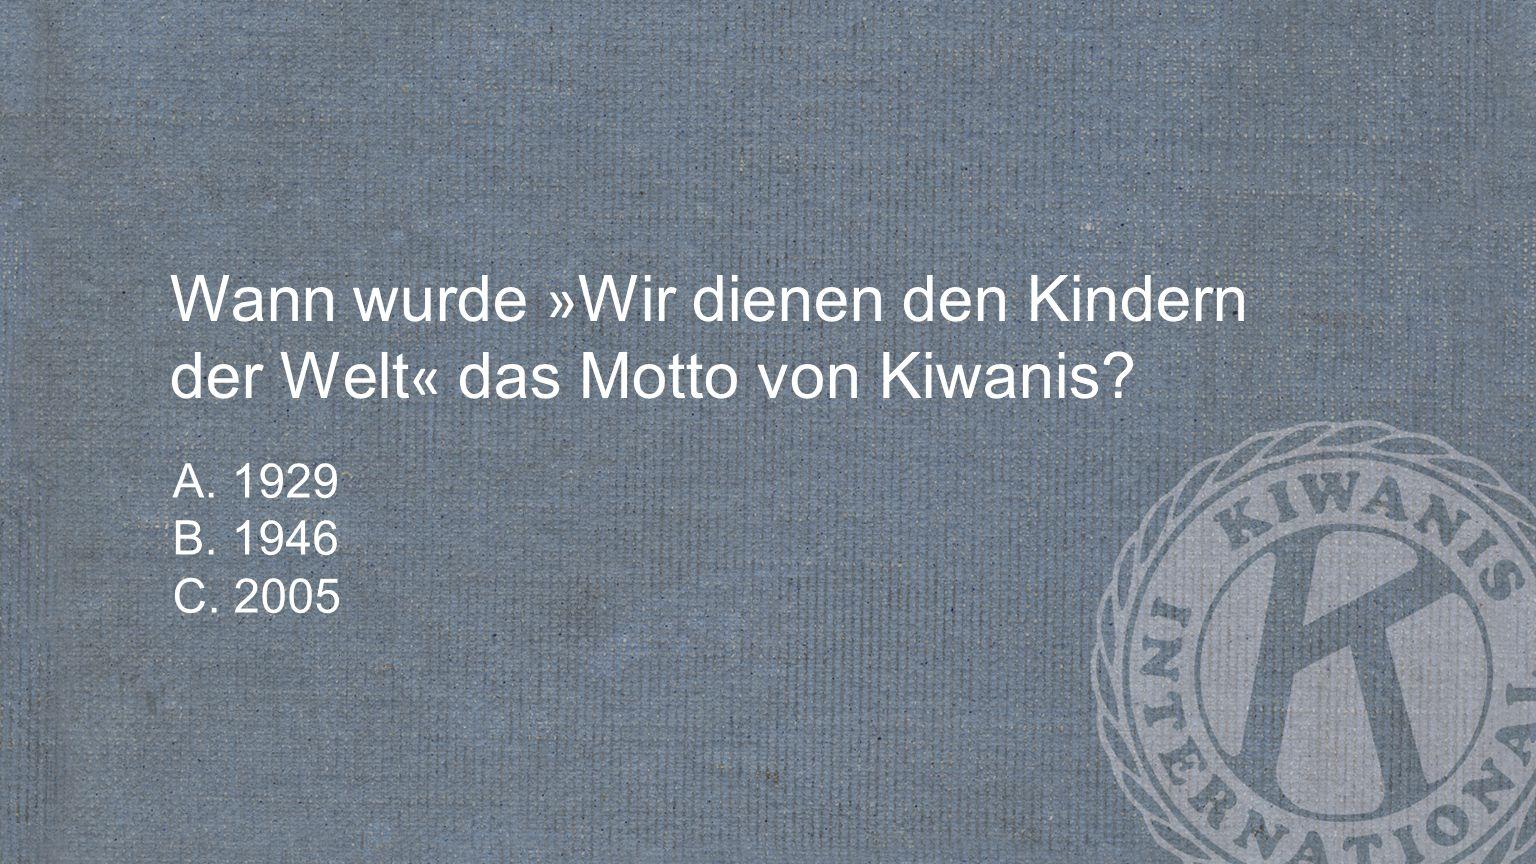 Wann wurde »Wir dienen den Kindern der Welt« das Motto von Kiwanis